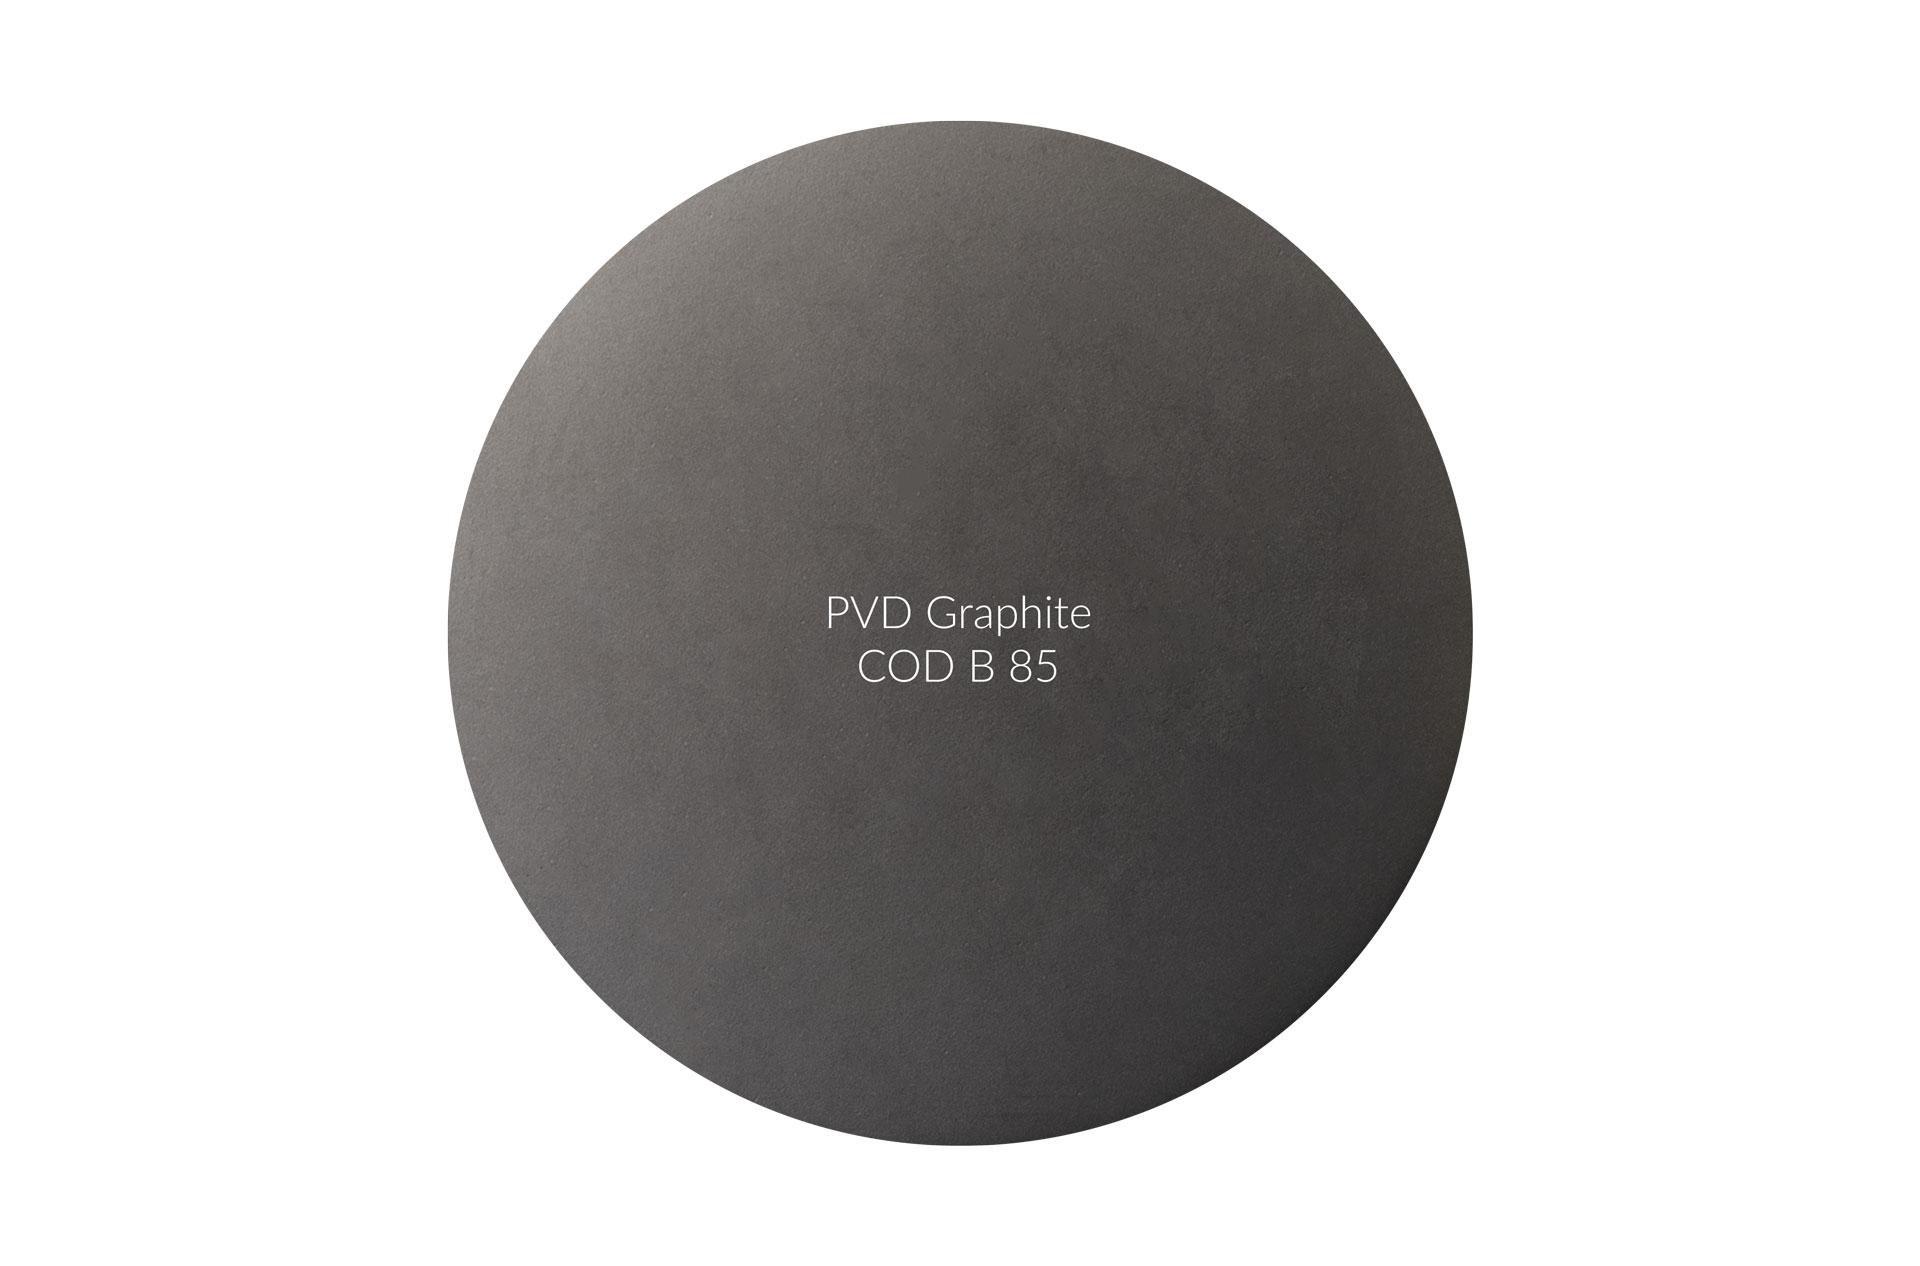 Dischetto PVD graphite cod B 85 opaco